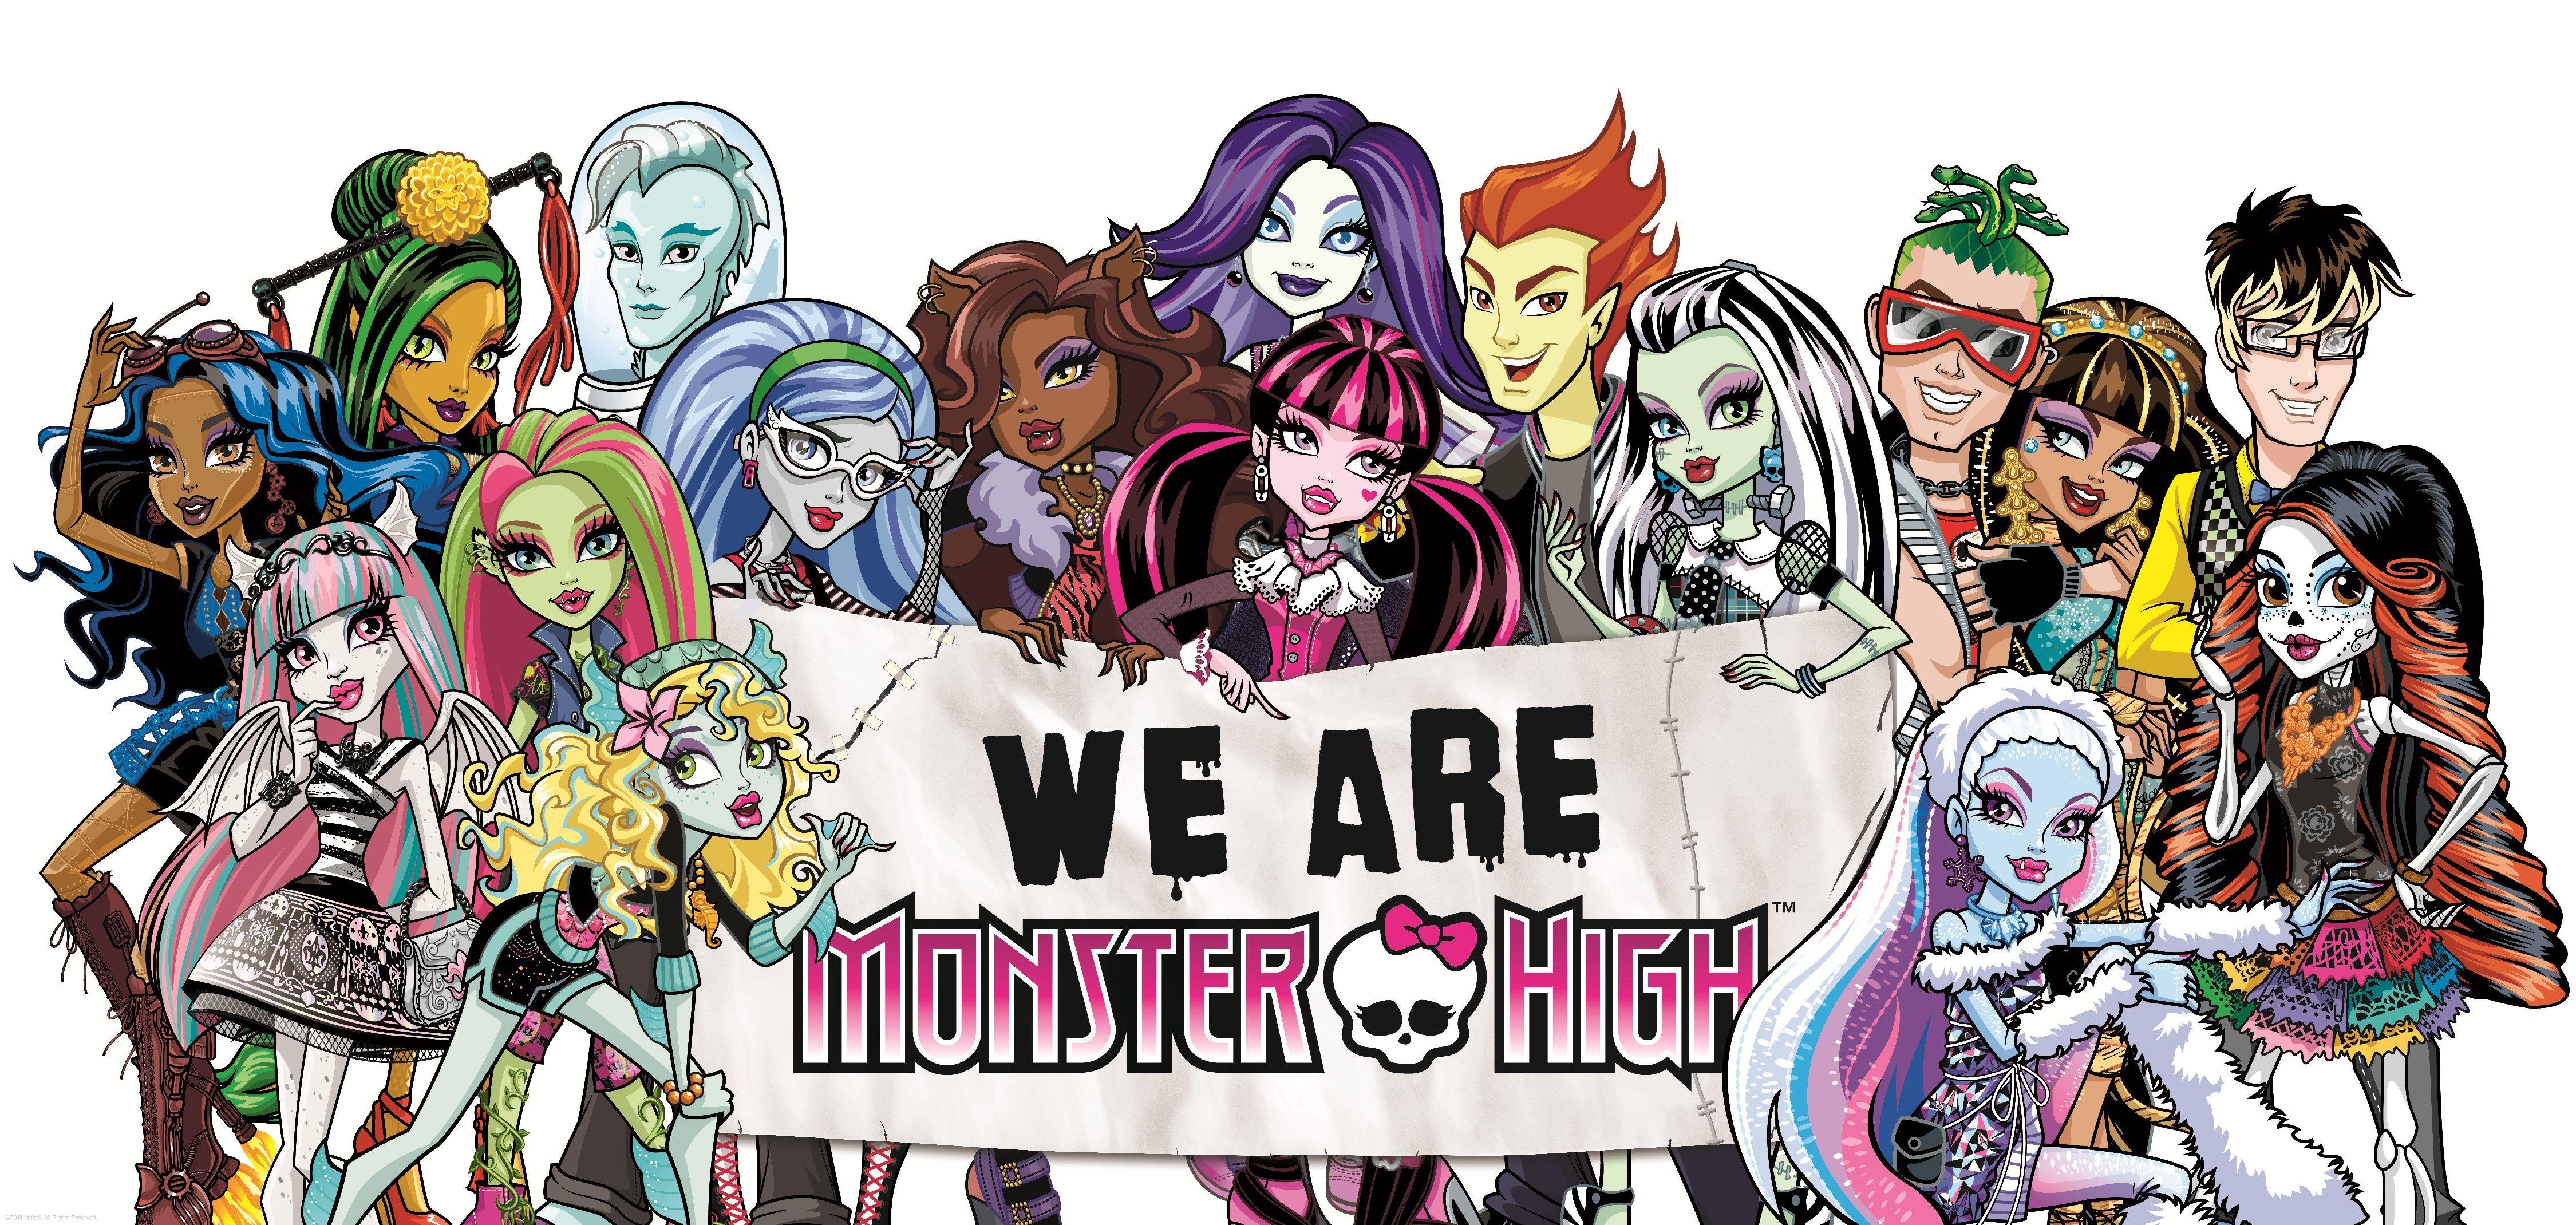 Monster high le film a un r alisateur - Personnage monster high ...